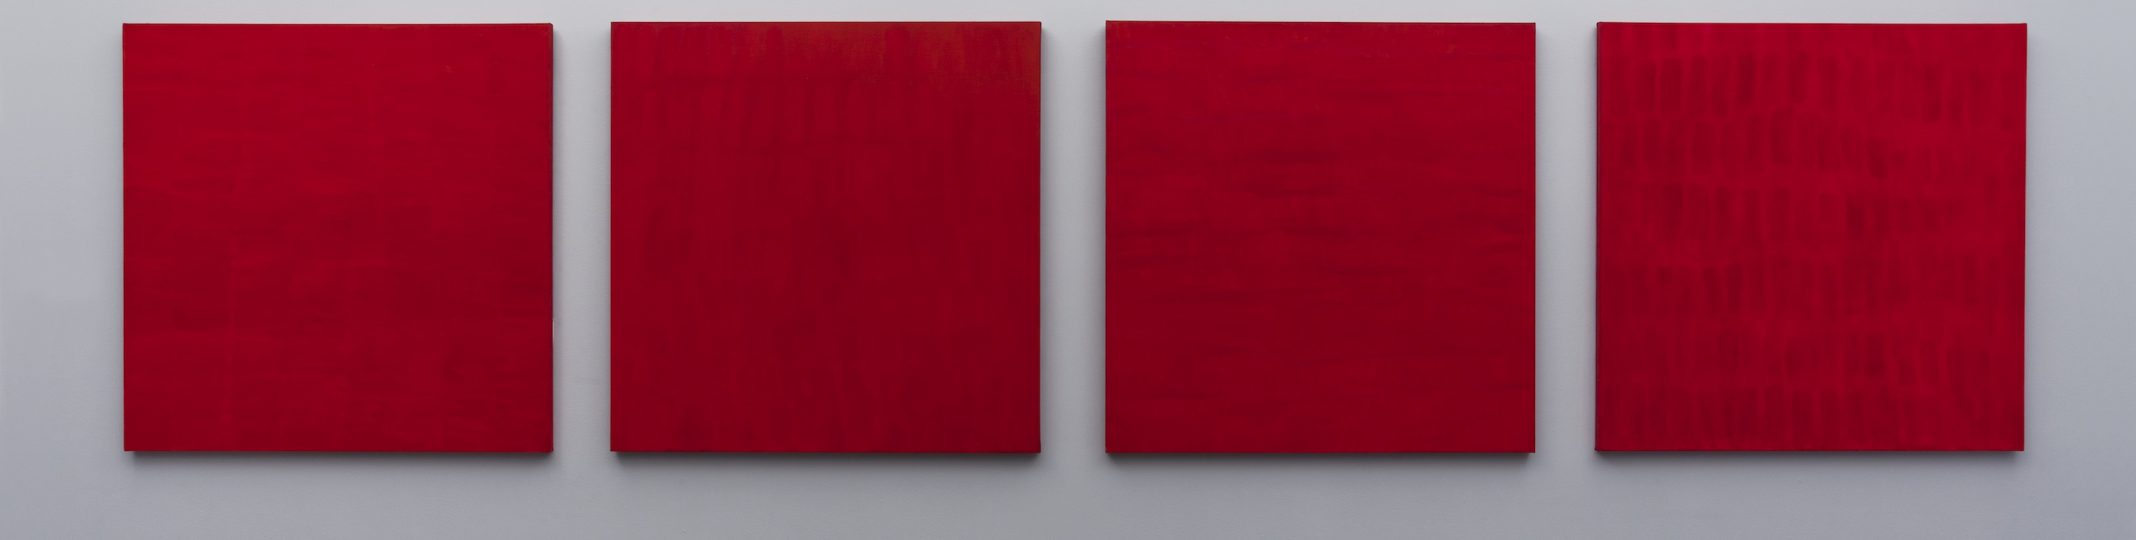 Françoise Sullivan, Rouge nos 3, 5, 6, 2, 1997